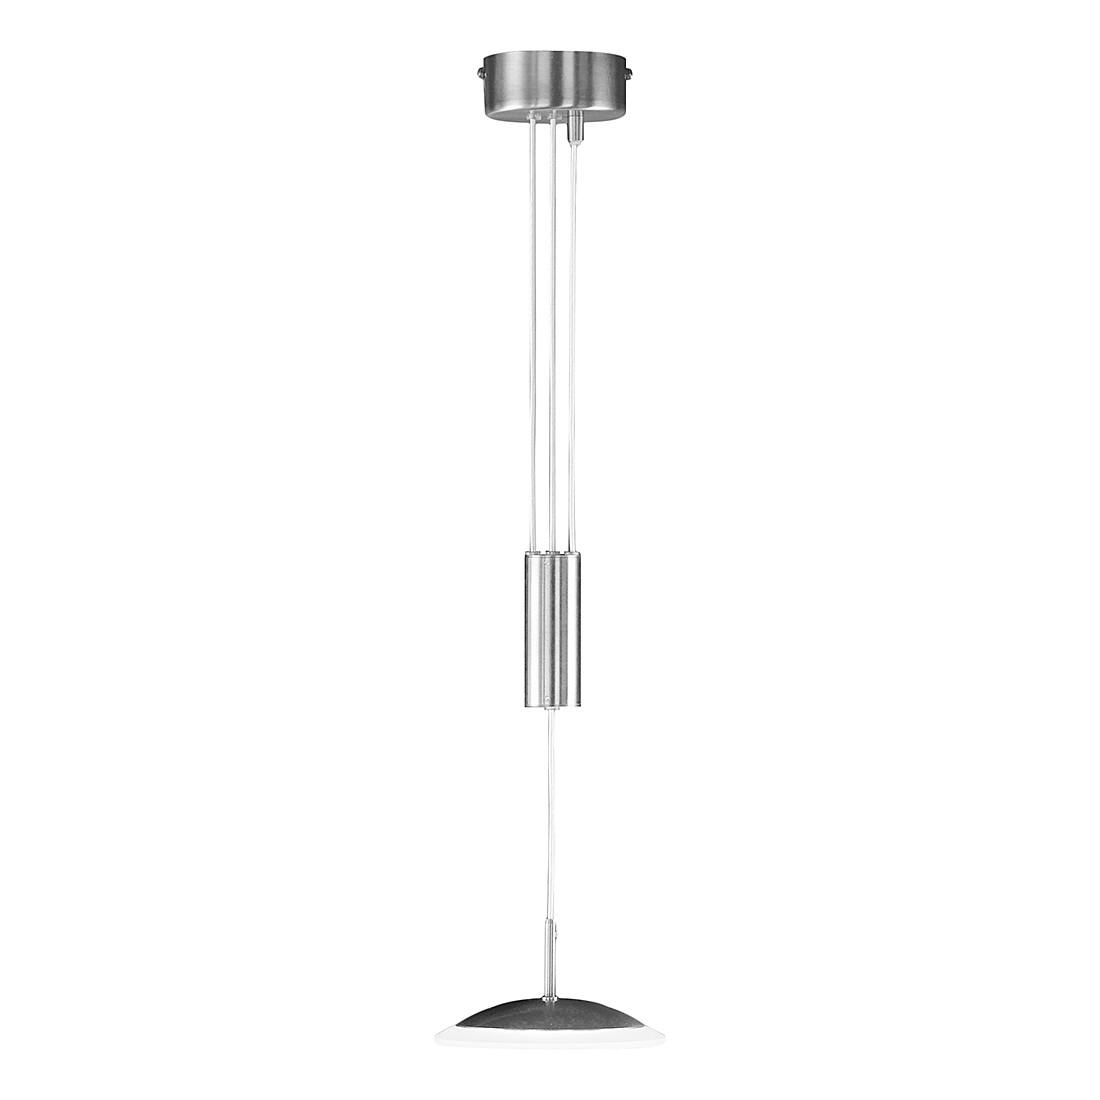 EEK A+, Pendelleuchte Leos – Metall/Glas – Silber – 1-flammig, Honsel günstig online kaufen